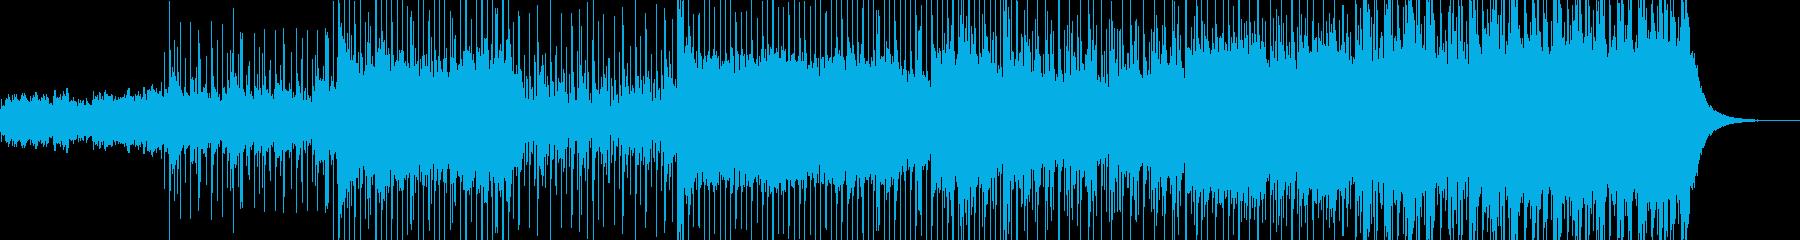 軽快な和風BGMの再生済みの波形